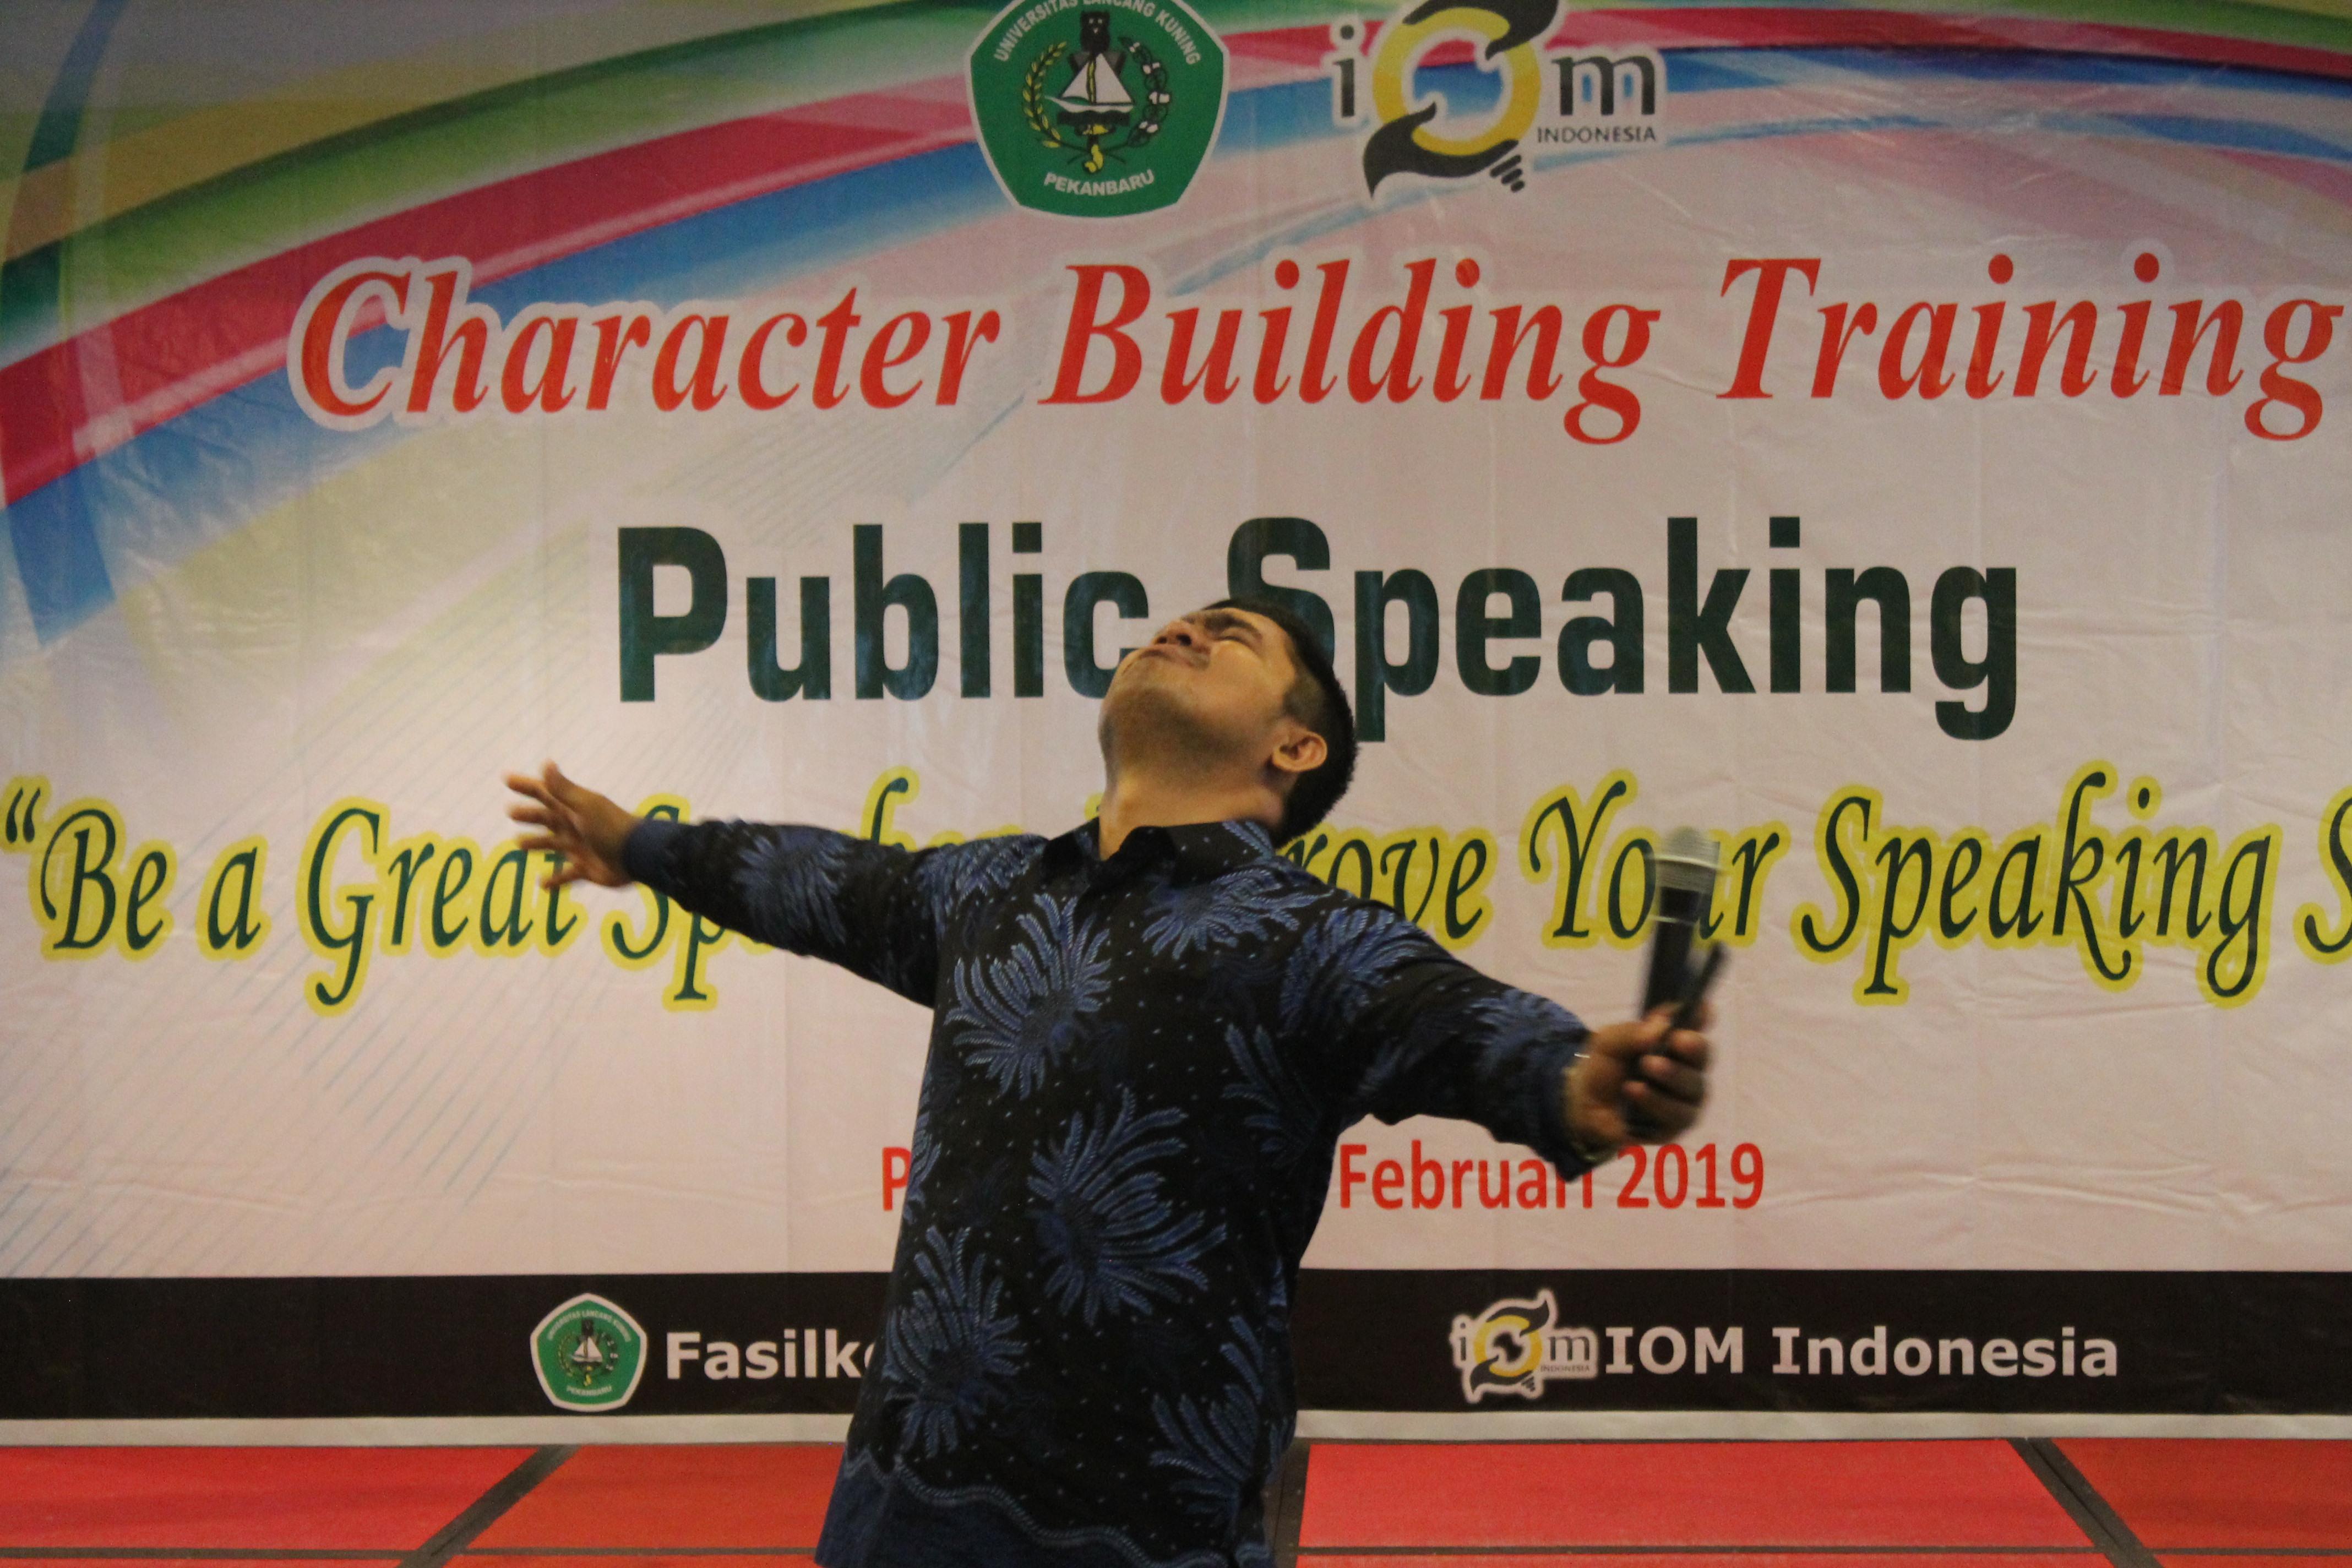 Training Public SPeaking Terbaik Indonesia, Public Speaking Pekanbaru, Public Speaking Riau, Public Speaking Padang, Public Speaking MEdan, Public Speaking Jambi, Public Speaking Bengkulu, Public Speaking Aceh, Public Speaking Palembang,Public Speaking lampung